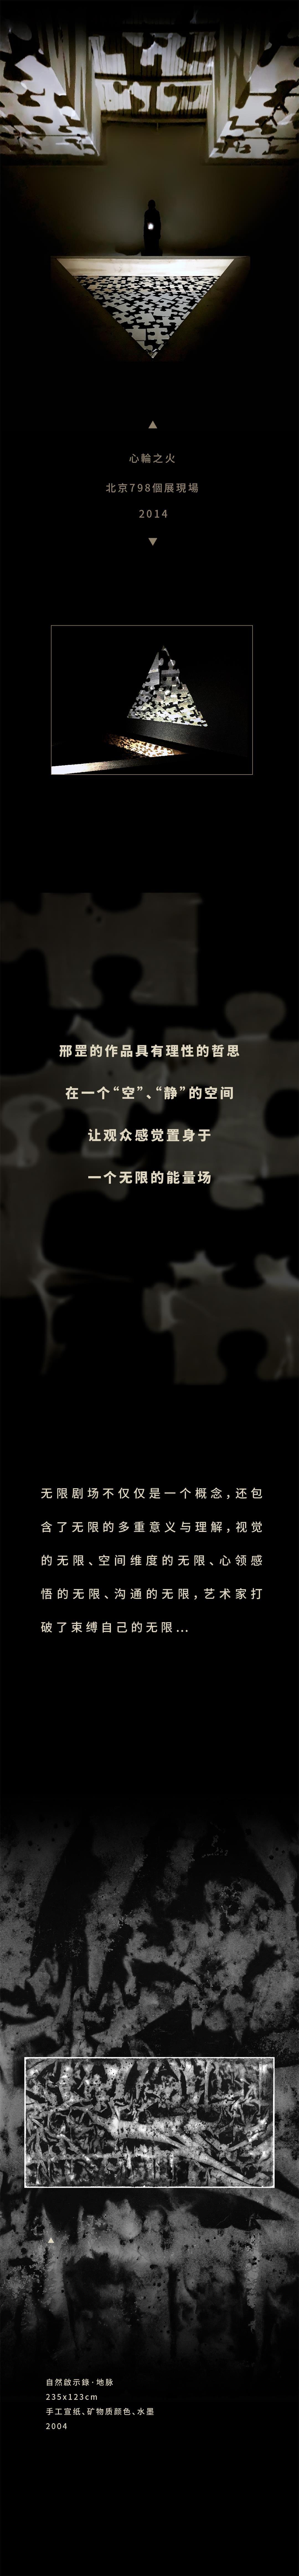 无限剧场-长图02.jpg